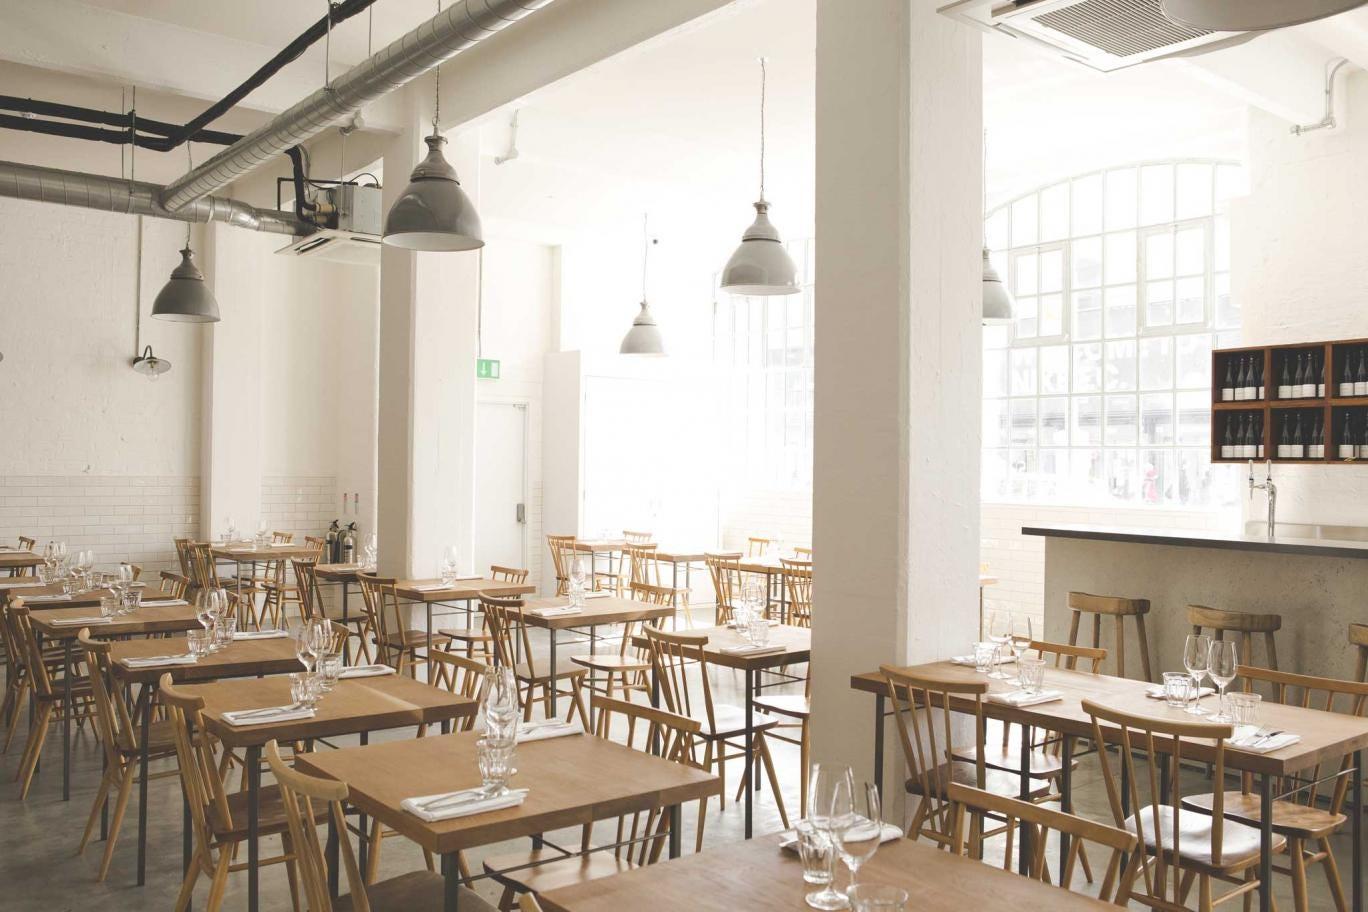 Lyle's décor is spartan: school-lavatory white tiles, concrete floor, junior tables and chairs